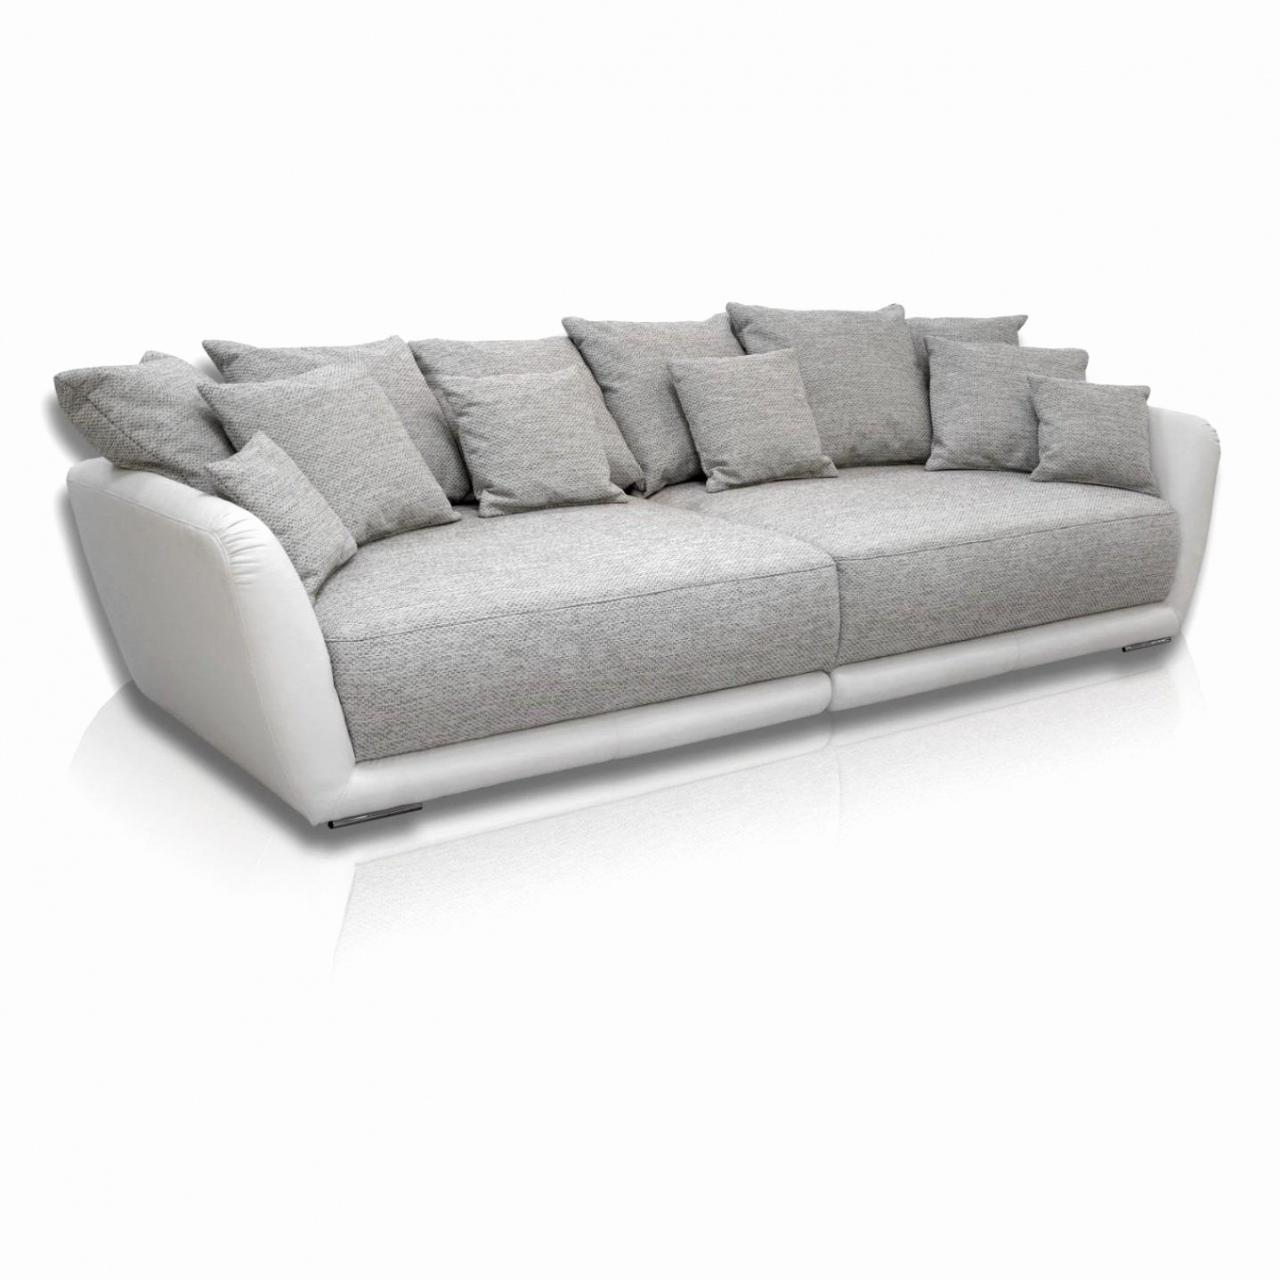 Full Size of Sectional Sofa Bed Designer Couch Leder Schn Big Braun Reinigen Mit Holzfüßen Husse Stoff Grau U Form Weiß Langes Le Corbusier Beziehen Polsterreiniger Sofa Big Sofa Leder